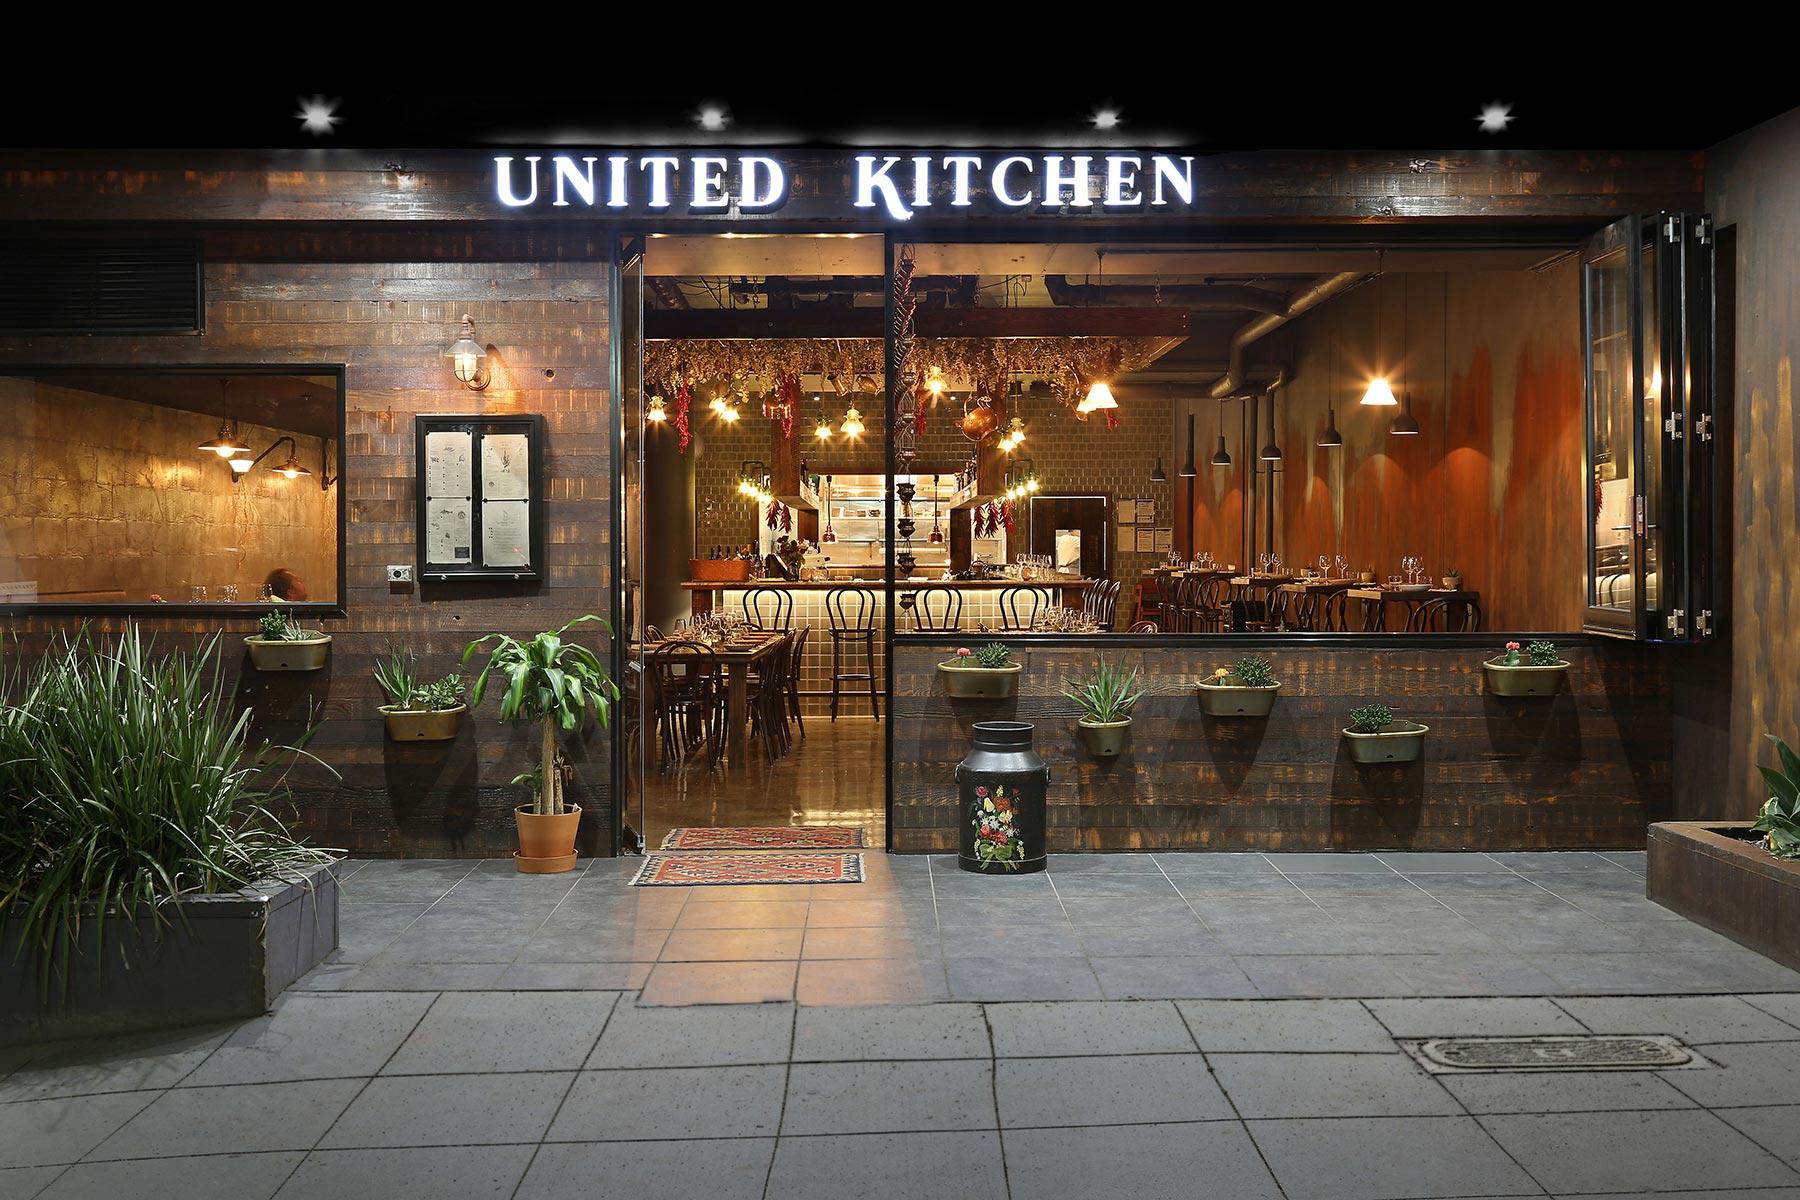 United Kitchen - interior design by Studio Y.